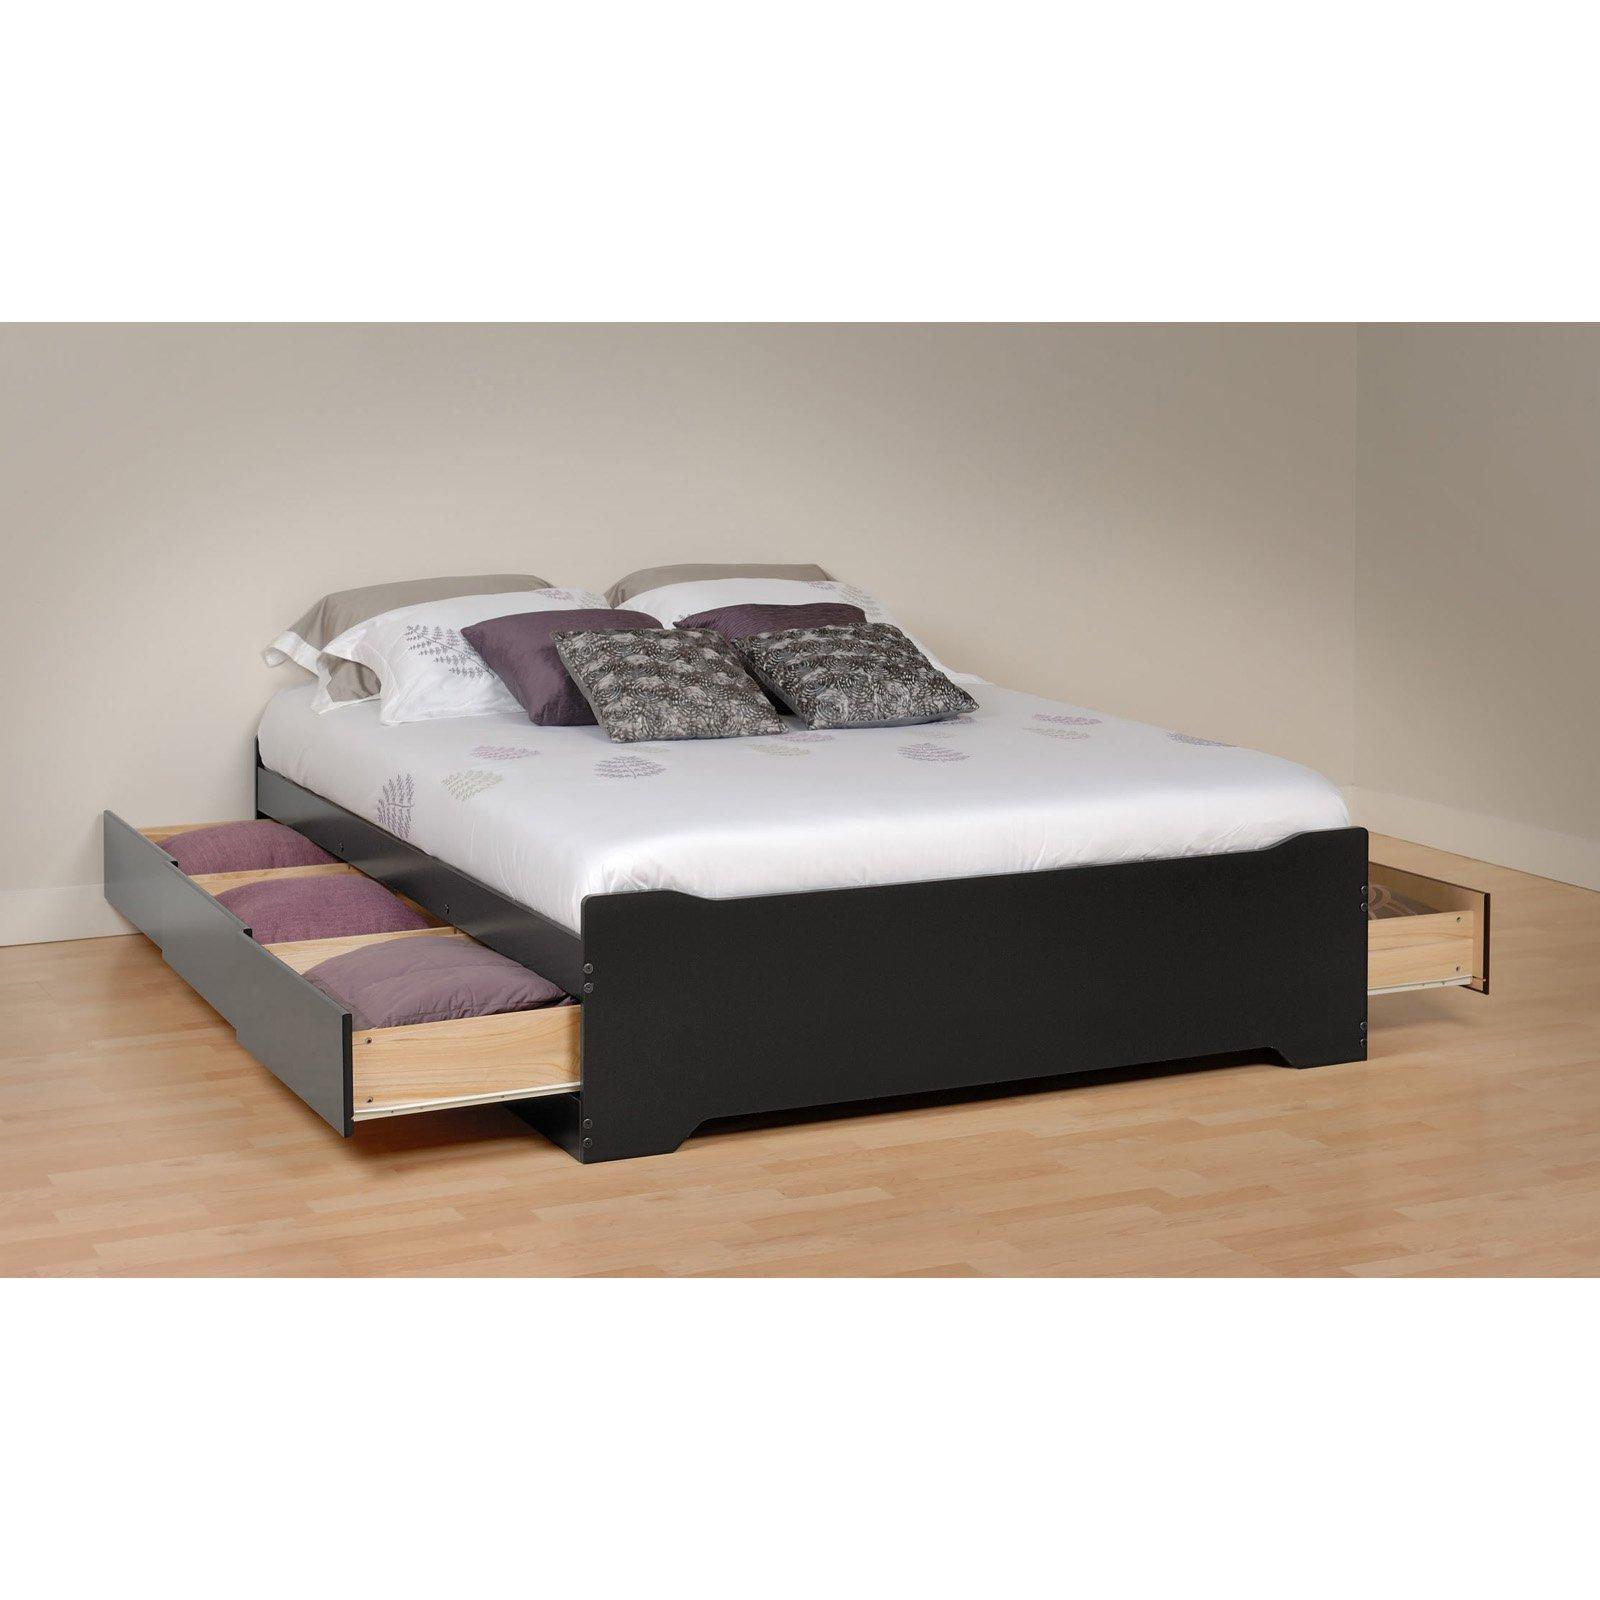 Prepac Coal Harbor Mates Full Platform Storage Bed with 6 Drawers - Black